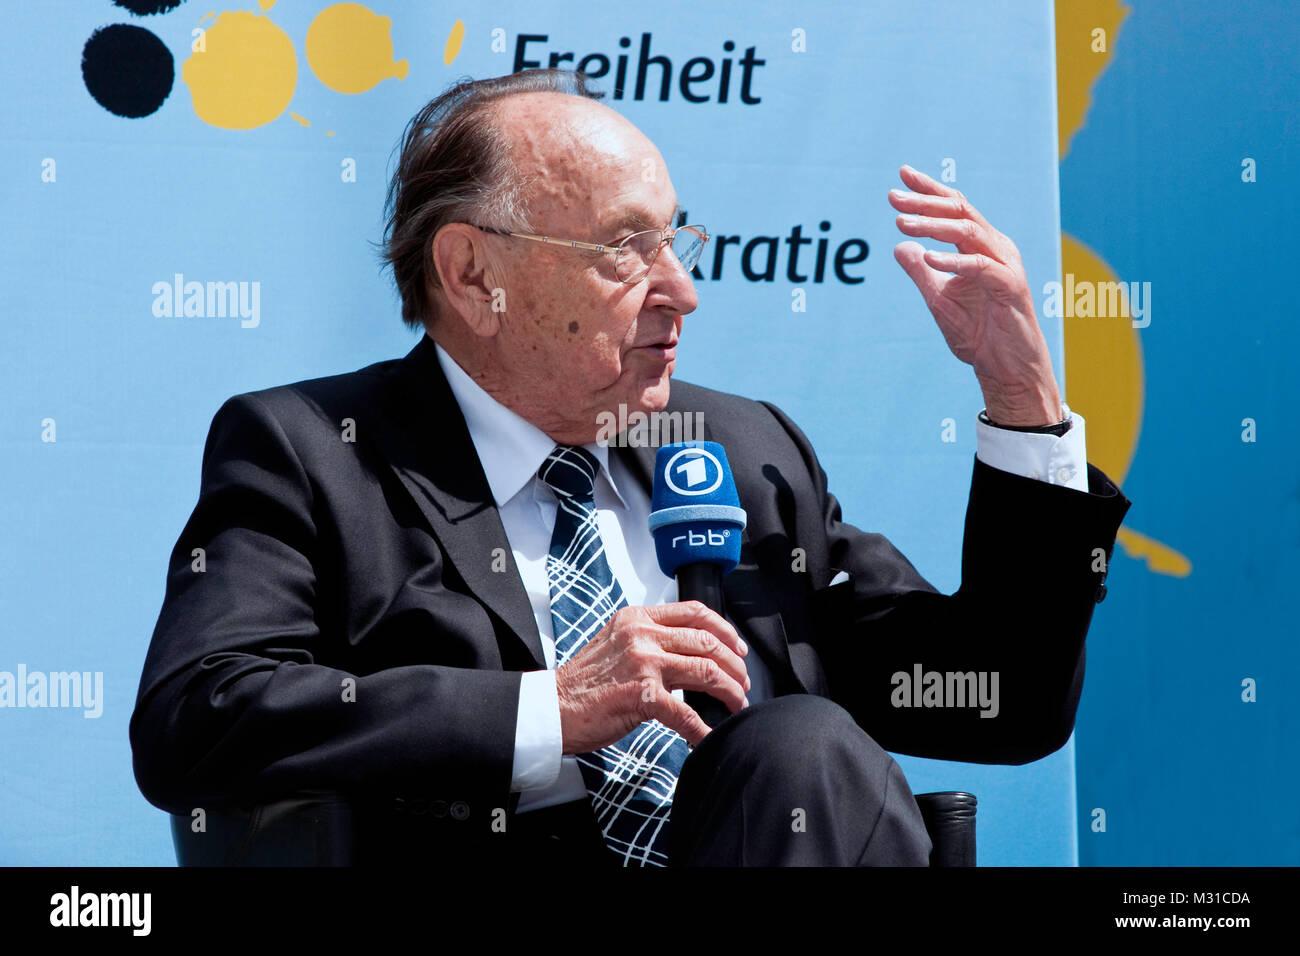 Hans Dietrich Genscher Bei Der 60 Jahre Bundesrepublik Deutschland Feier Vor Dem Berliner Brandenburger Tor